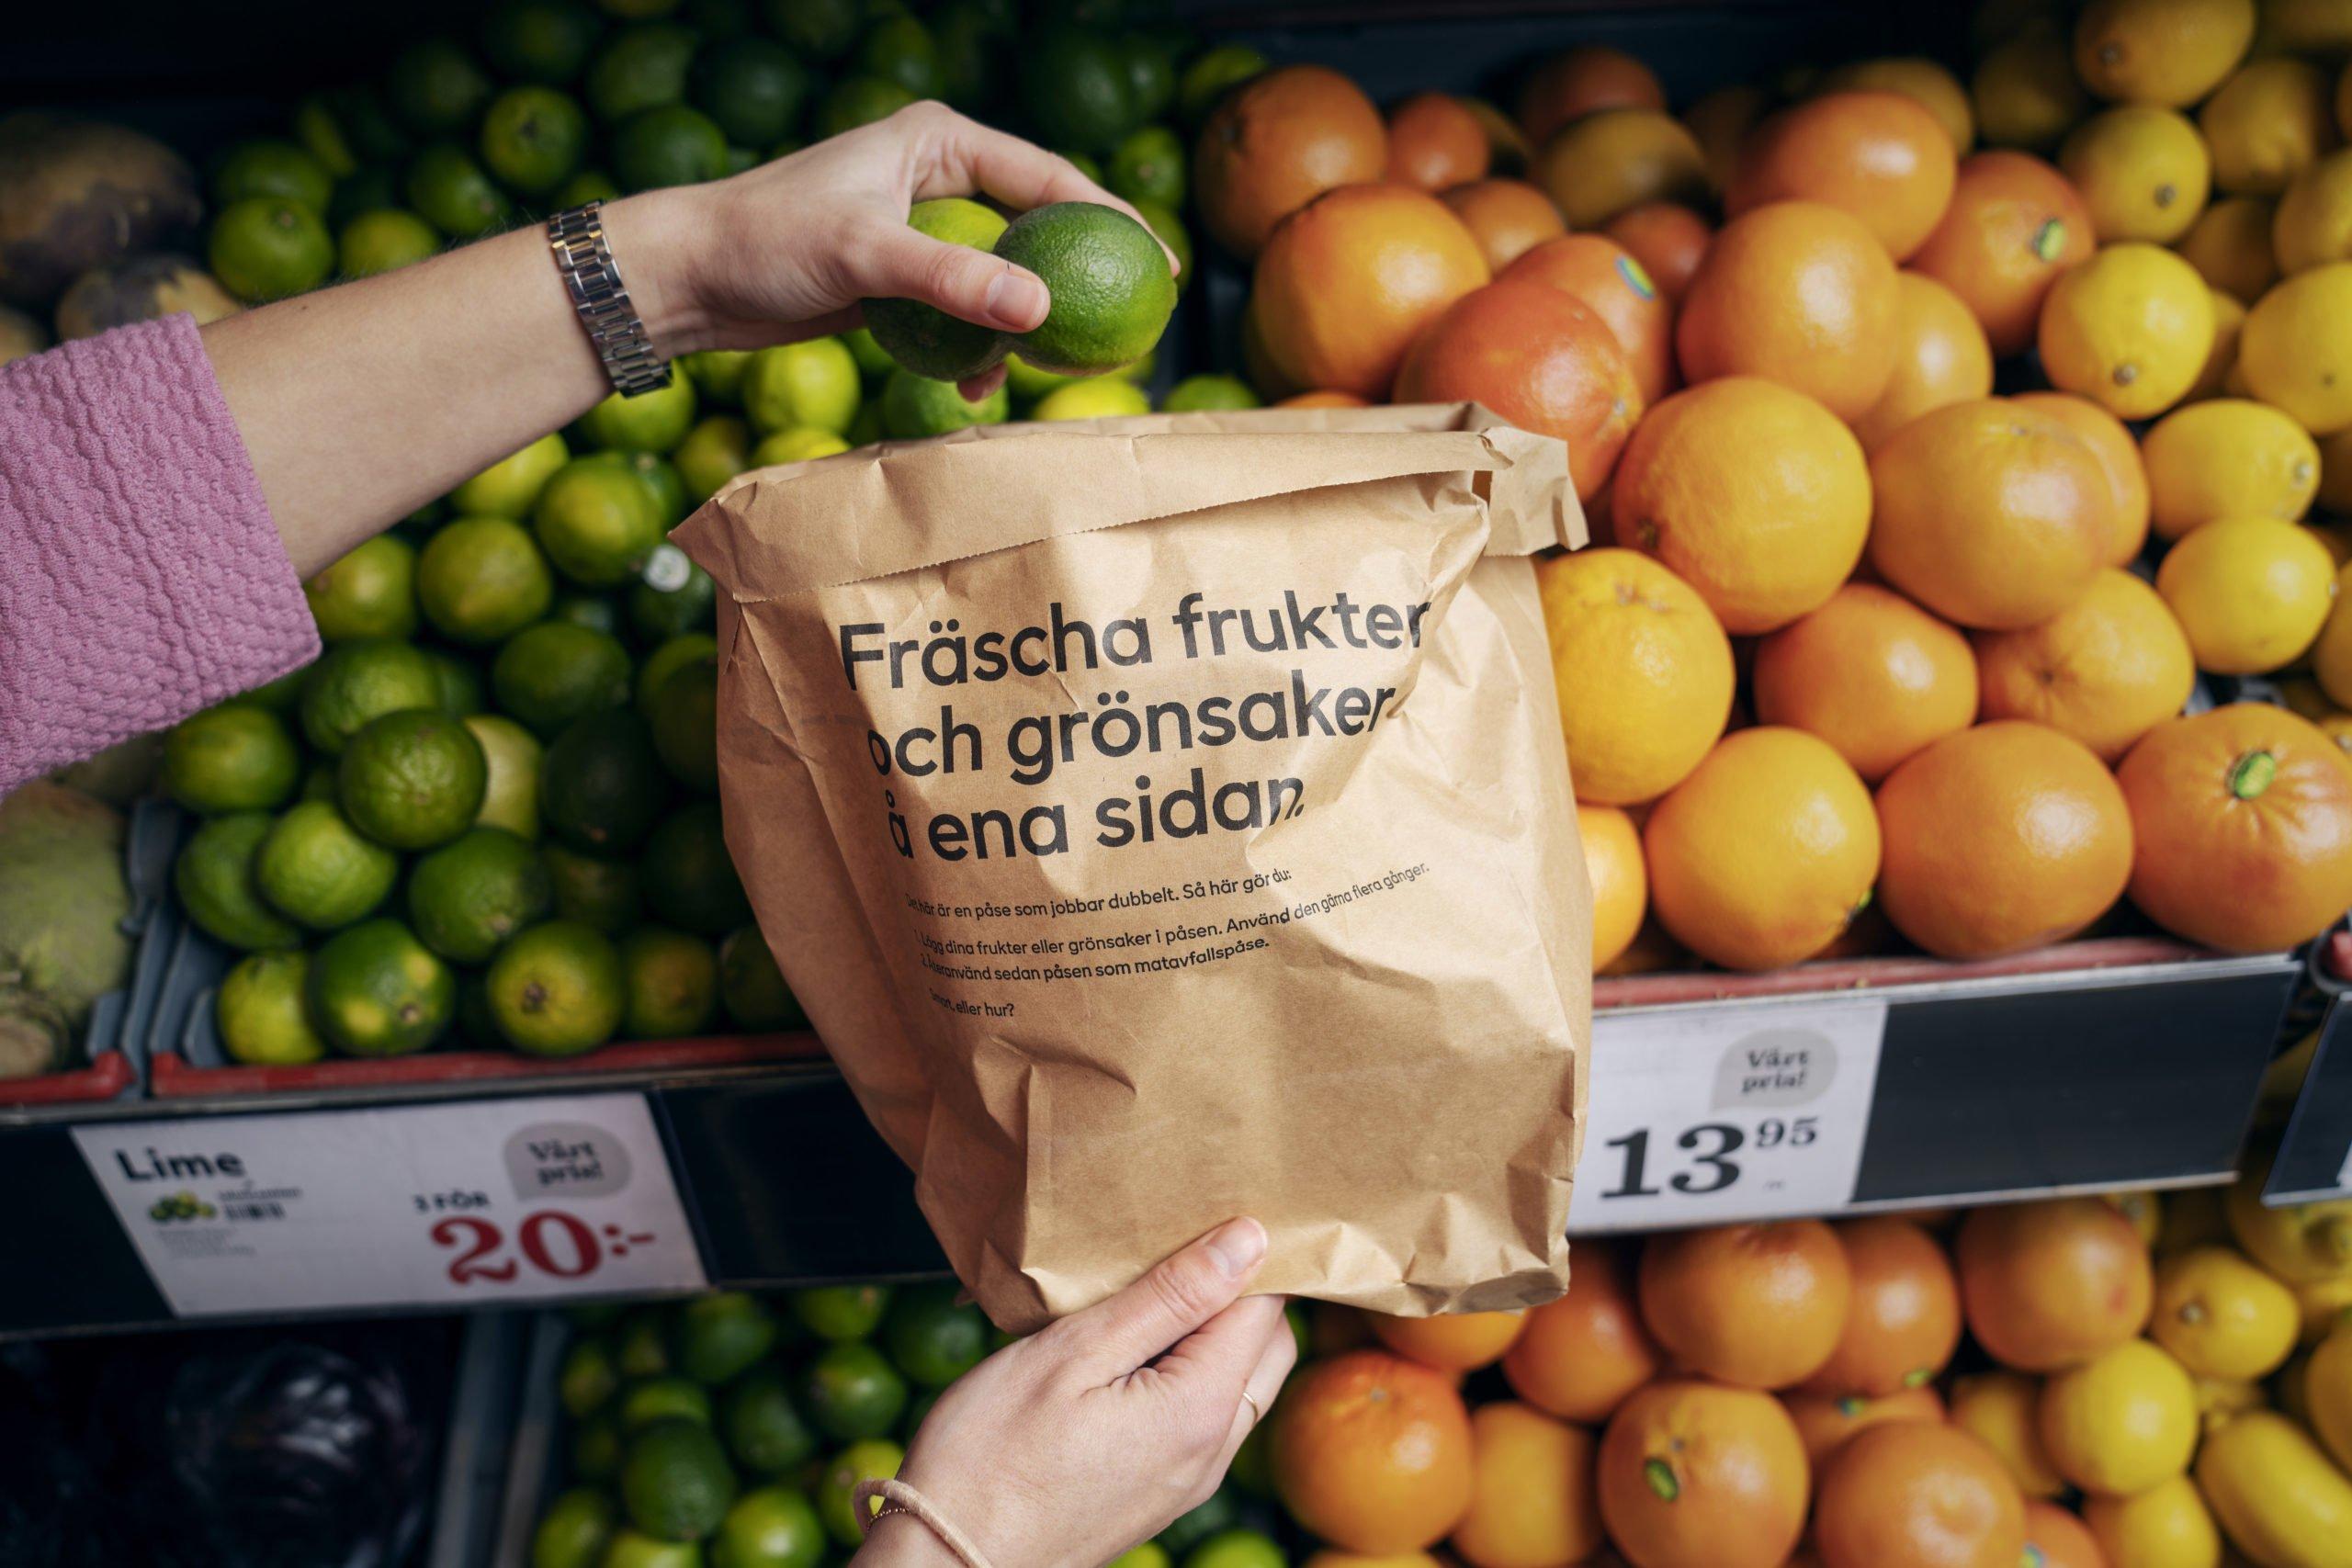 Papperspåse att plocka frukt och grönt i